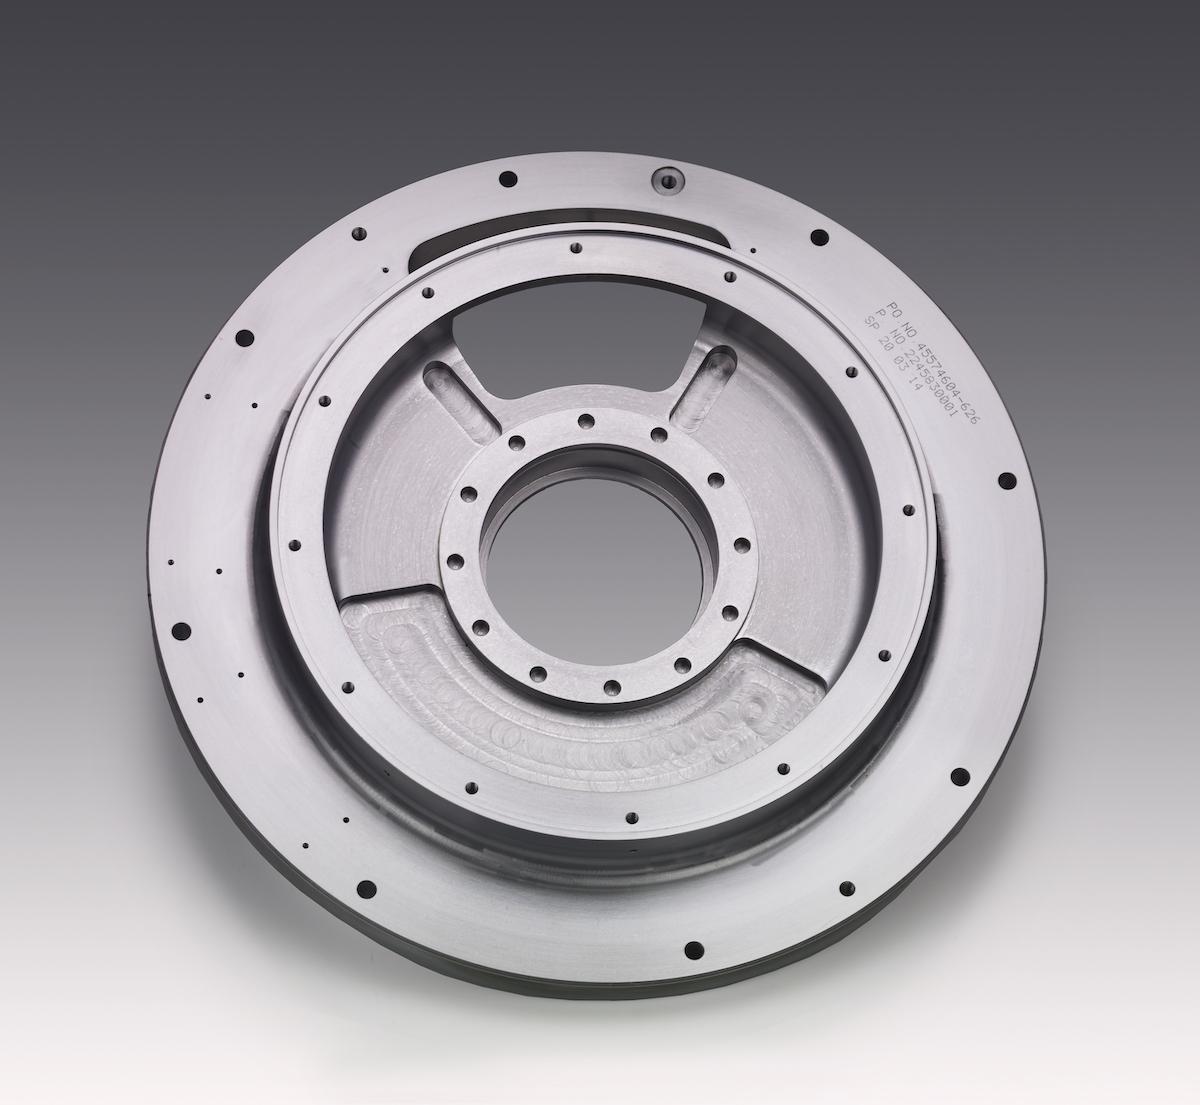 electro-mechanical-equipment-shirodkar-precicom01011